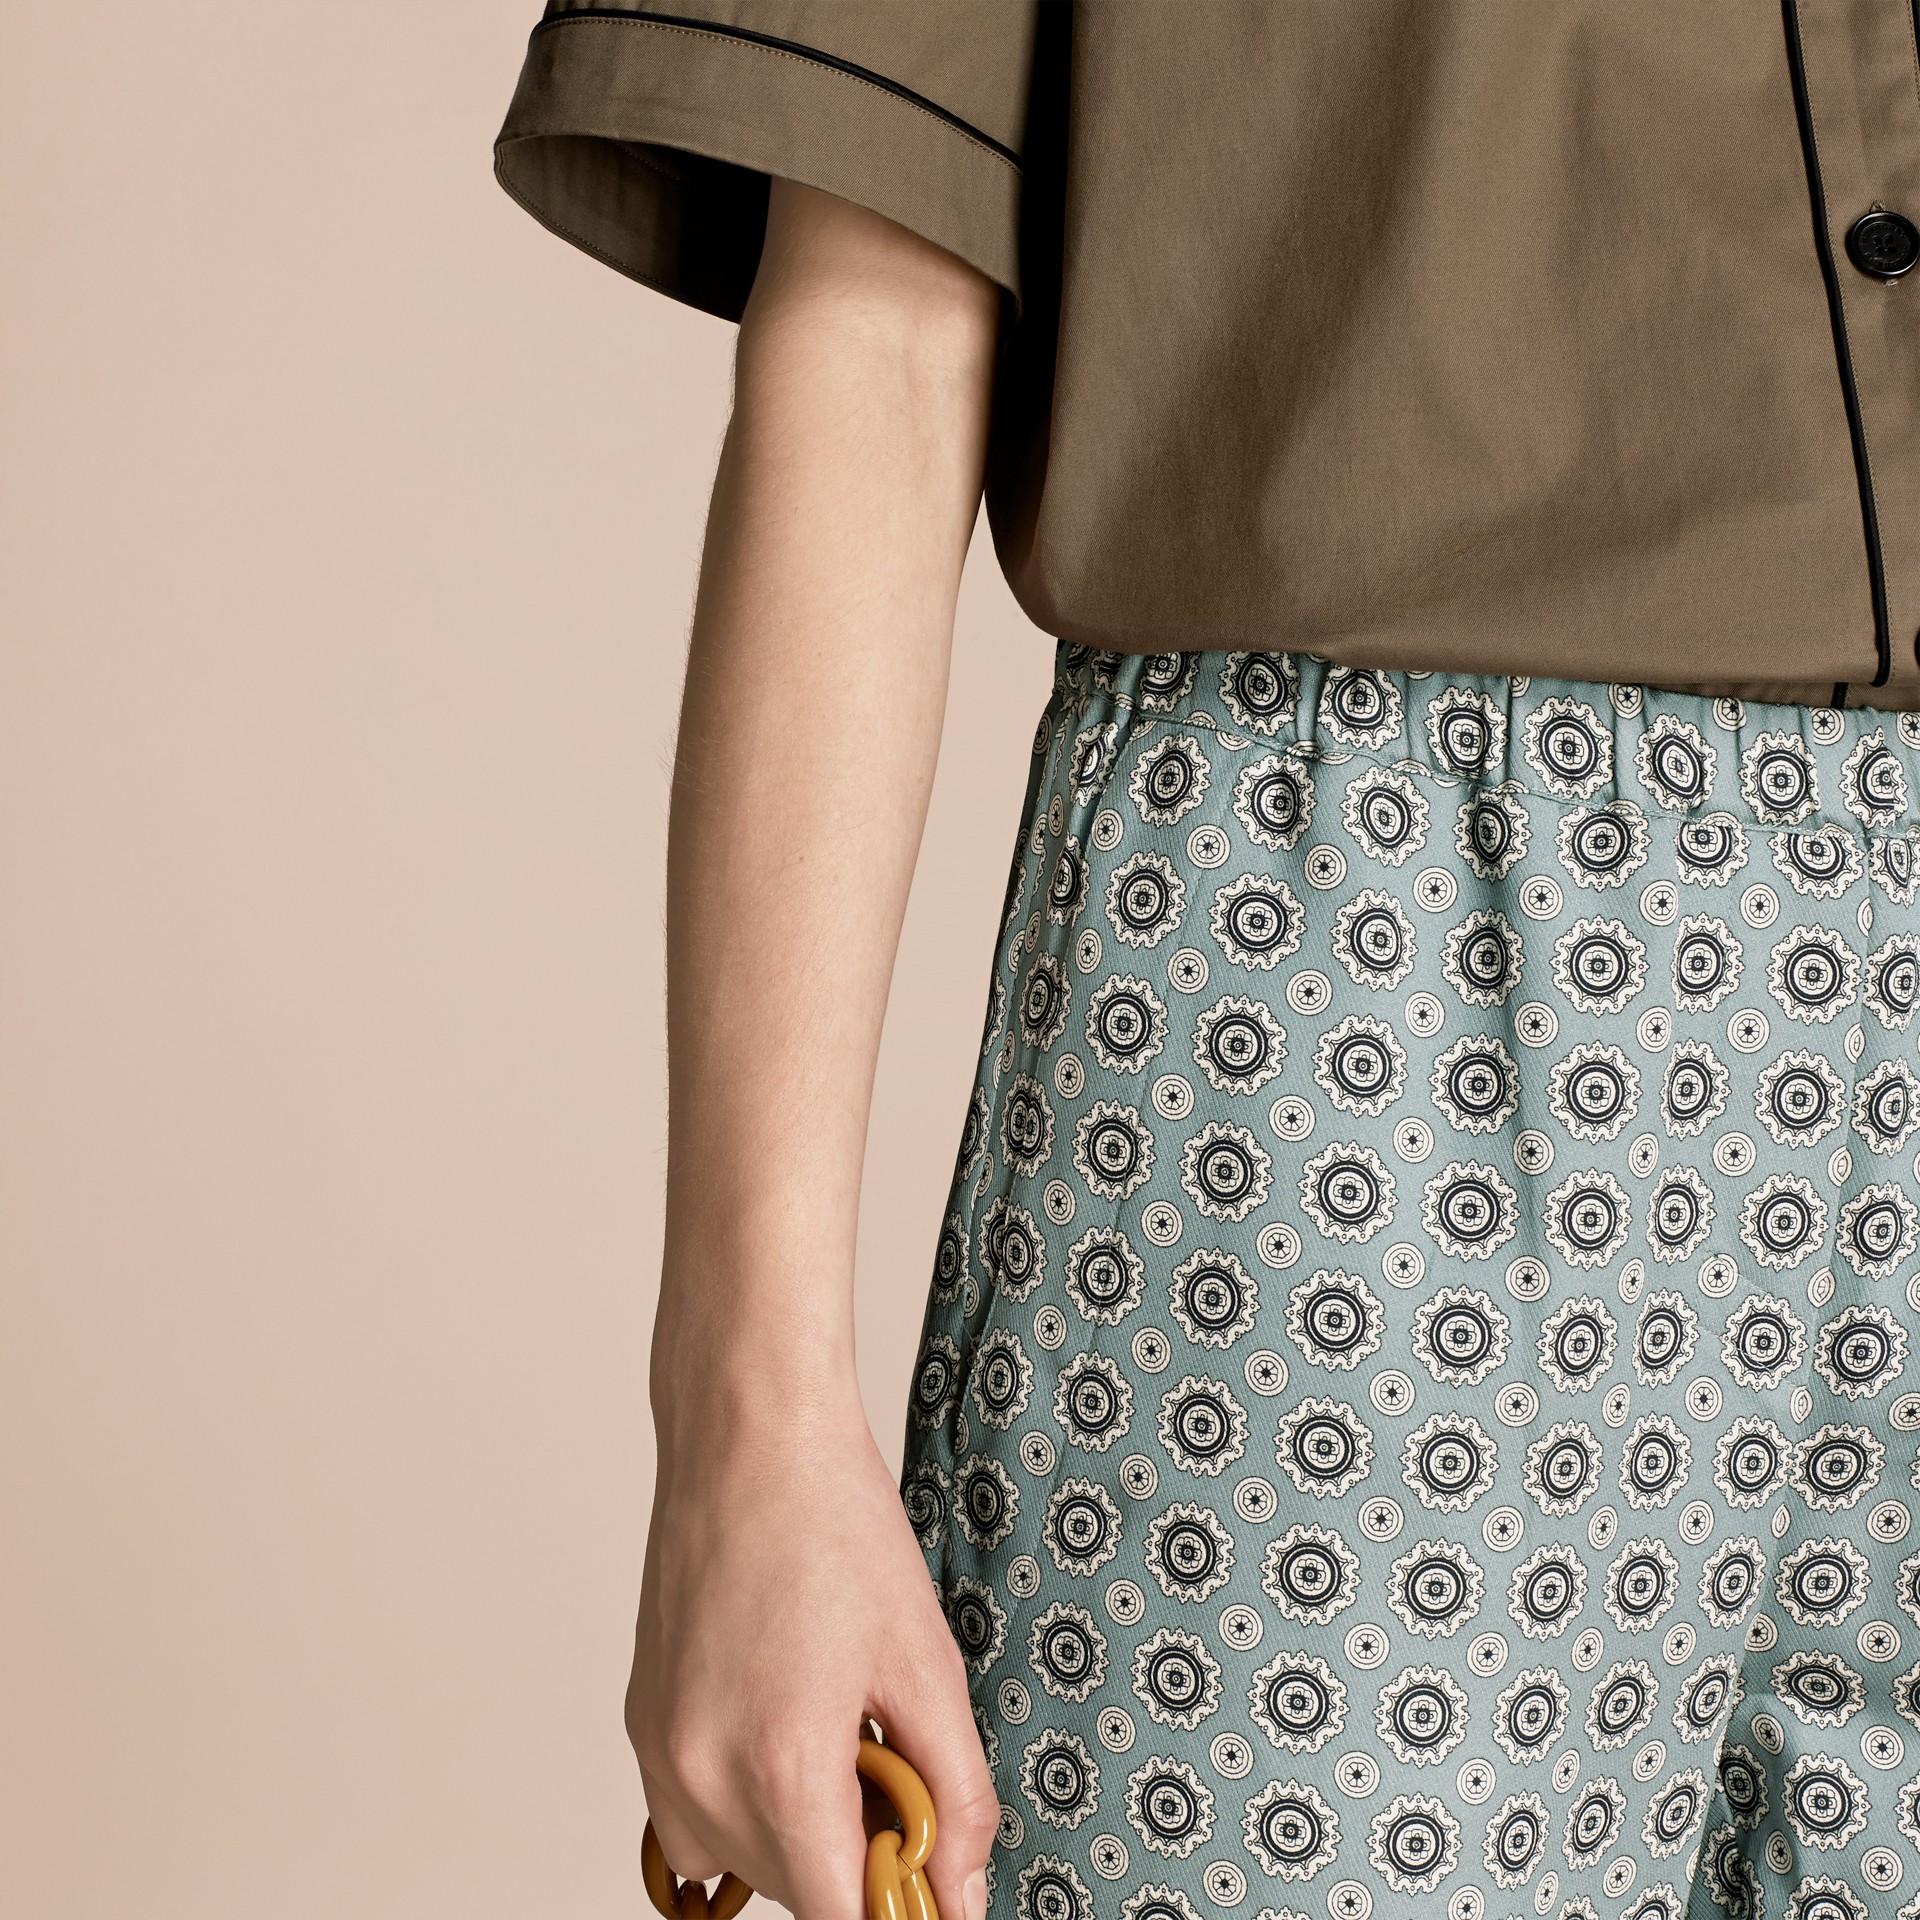 Helles steinblau Hose aus Baumwollseide im Pyjamastil mit kürzerer Beinlänge und Pyjamadruck Helles Steinblau - Galerie-Bild 5